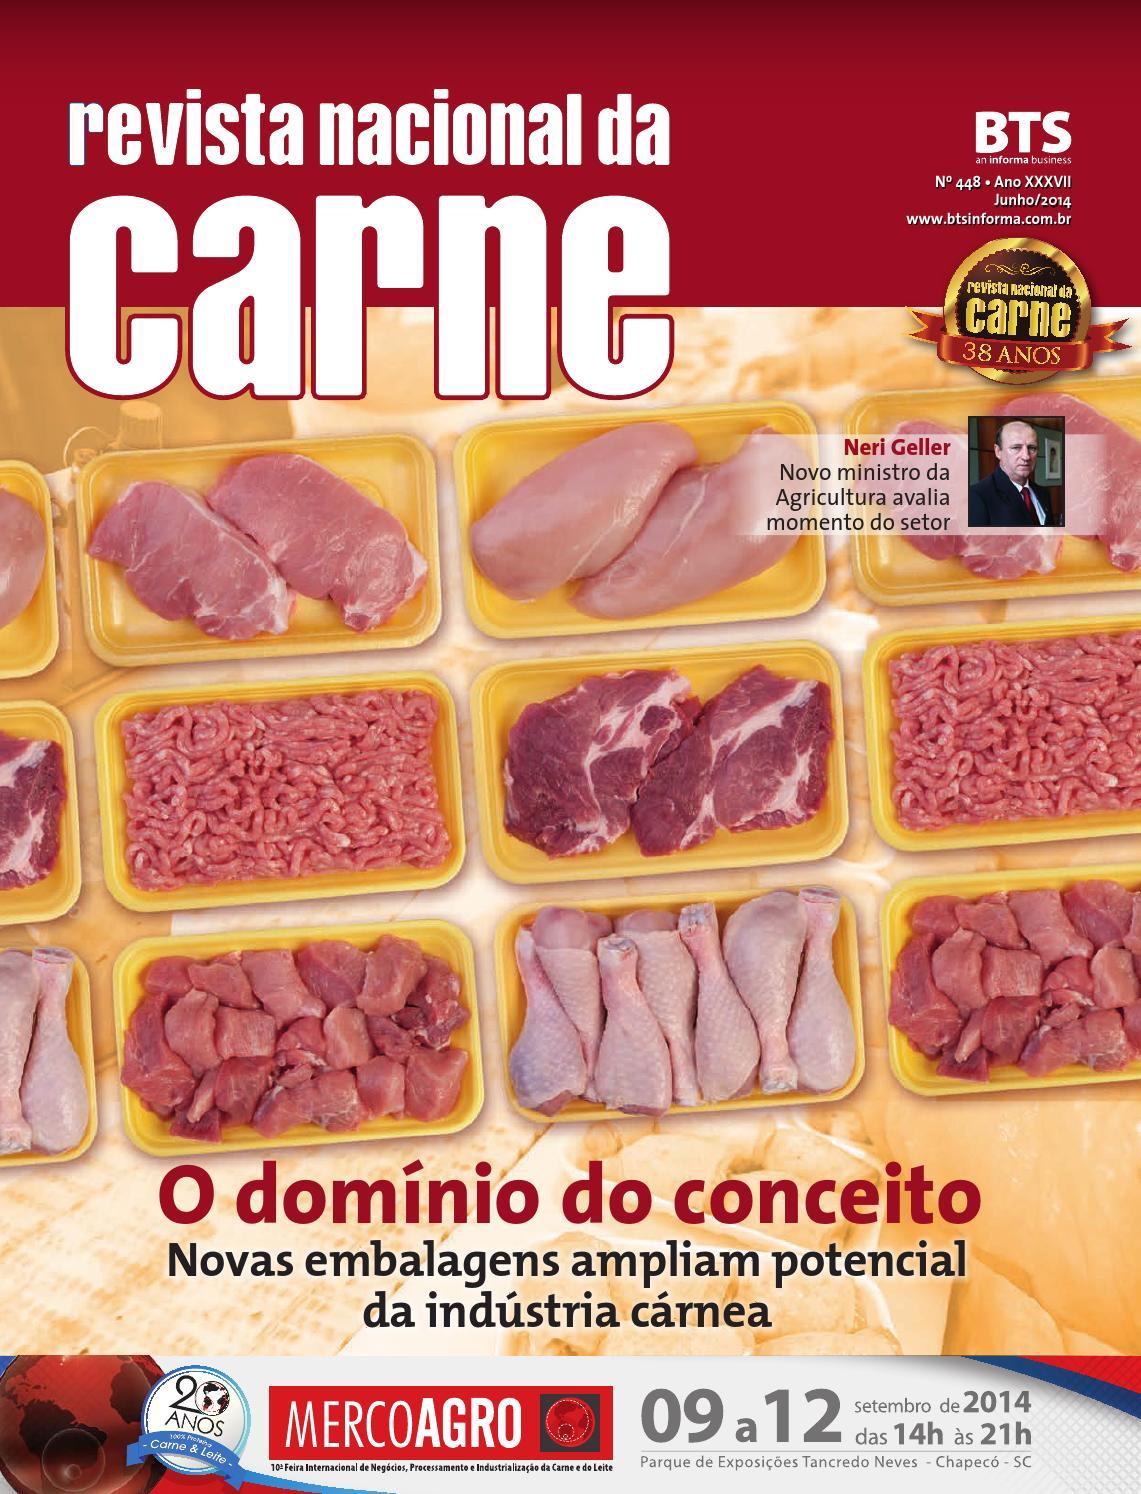 ISSUU - Revista nacional da carne ed 448 by BTS Informa